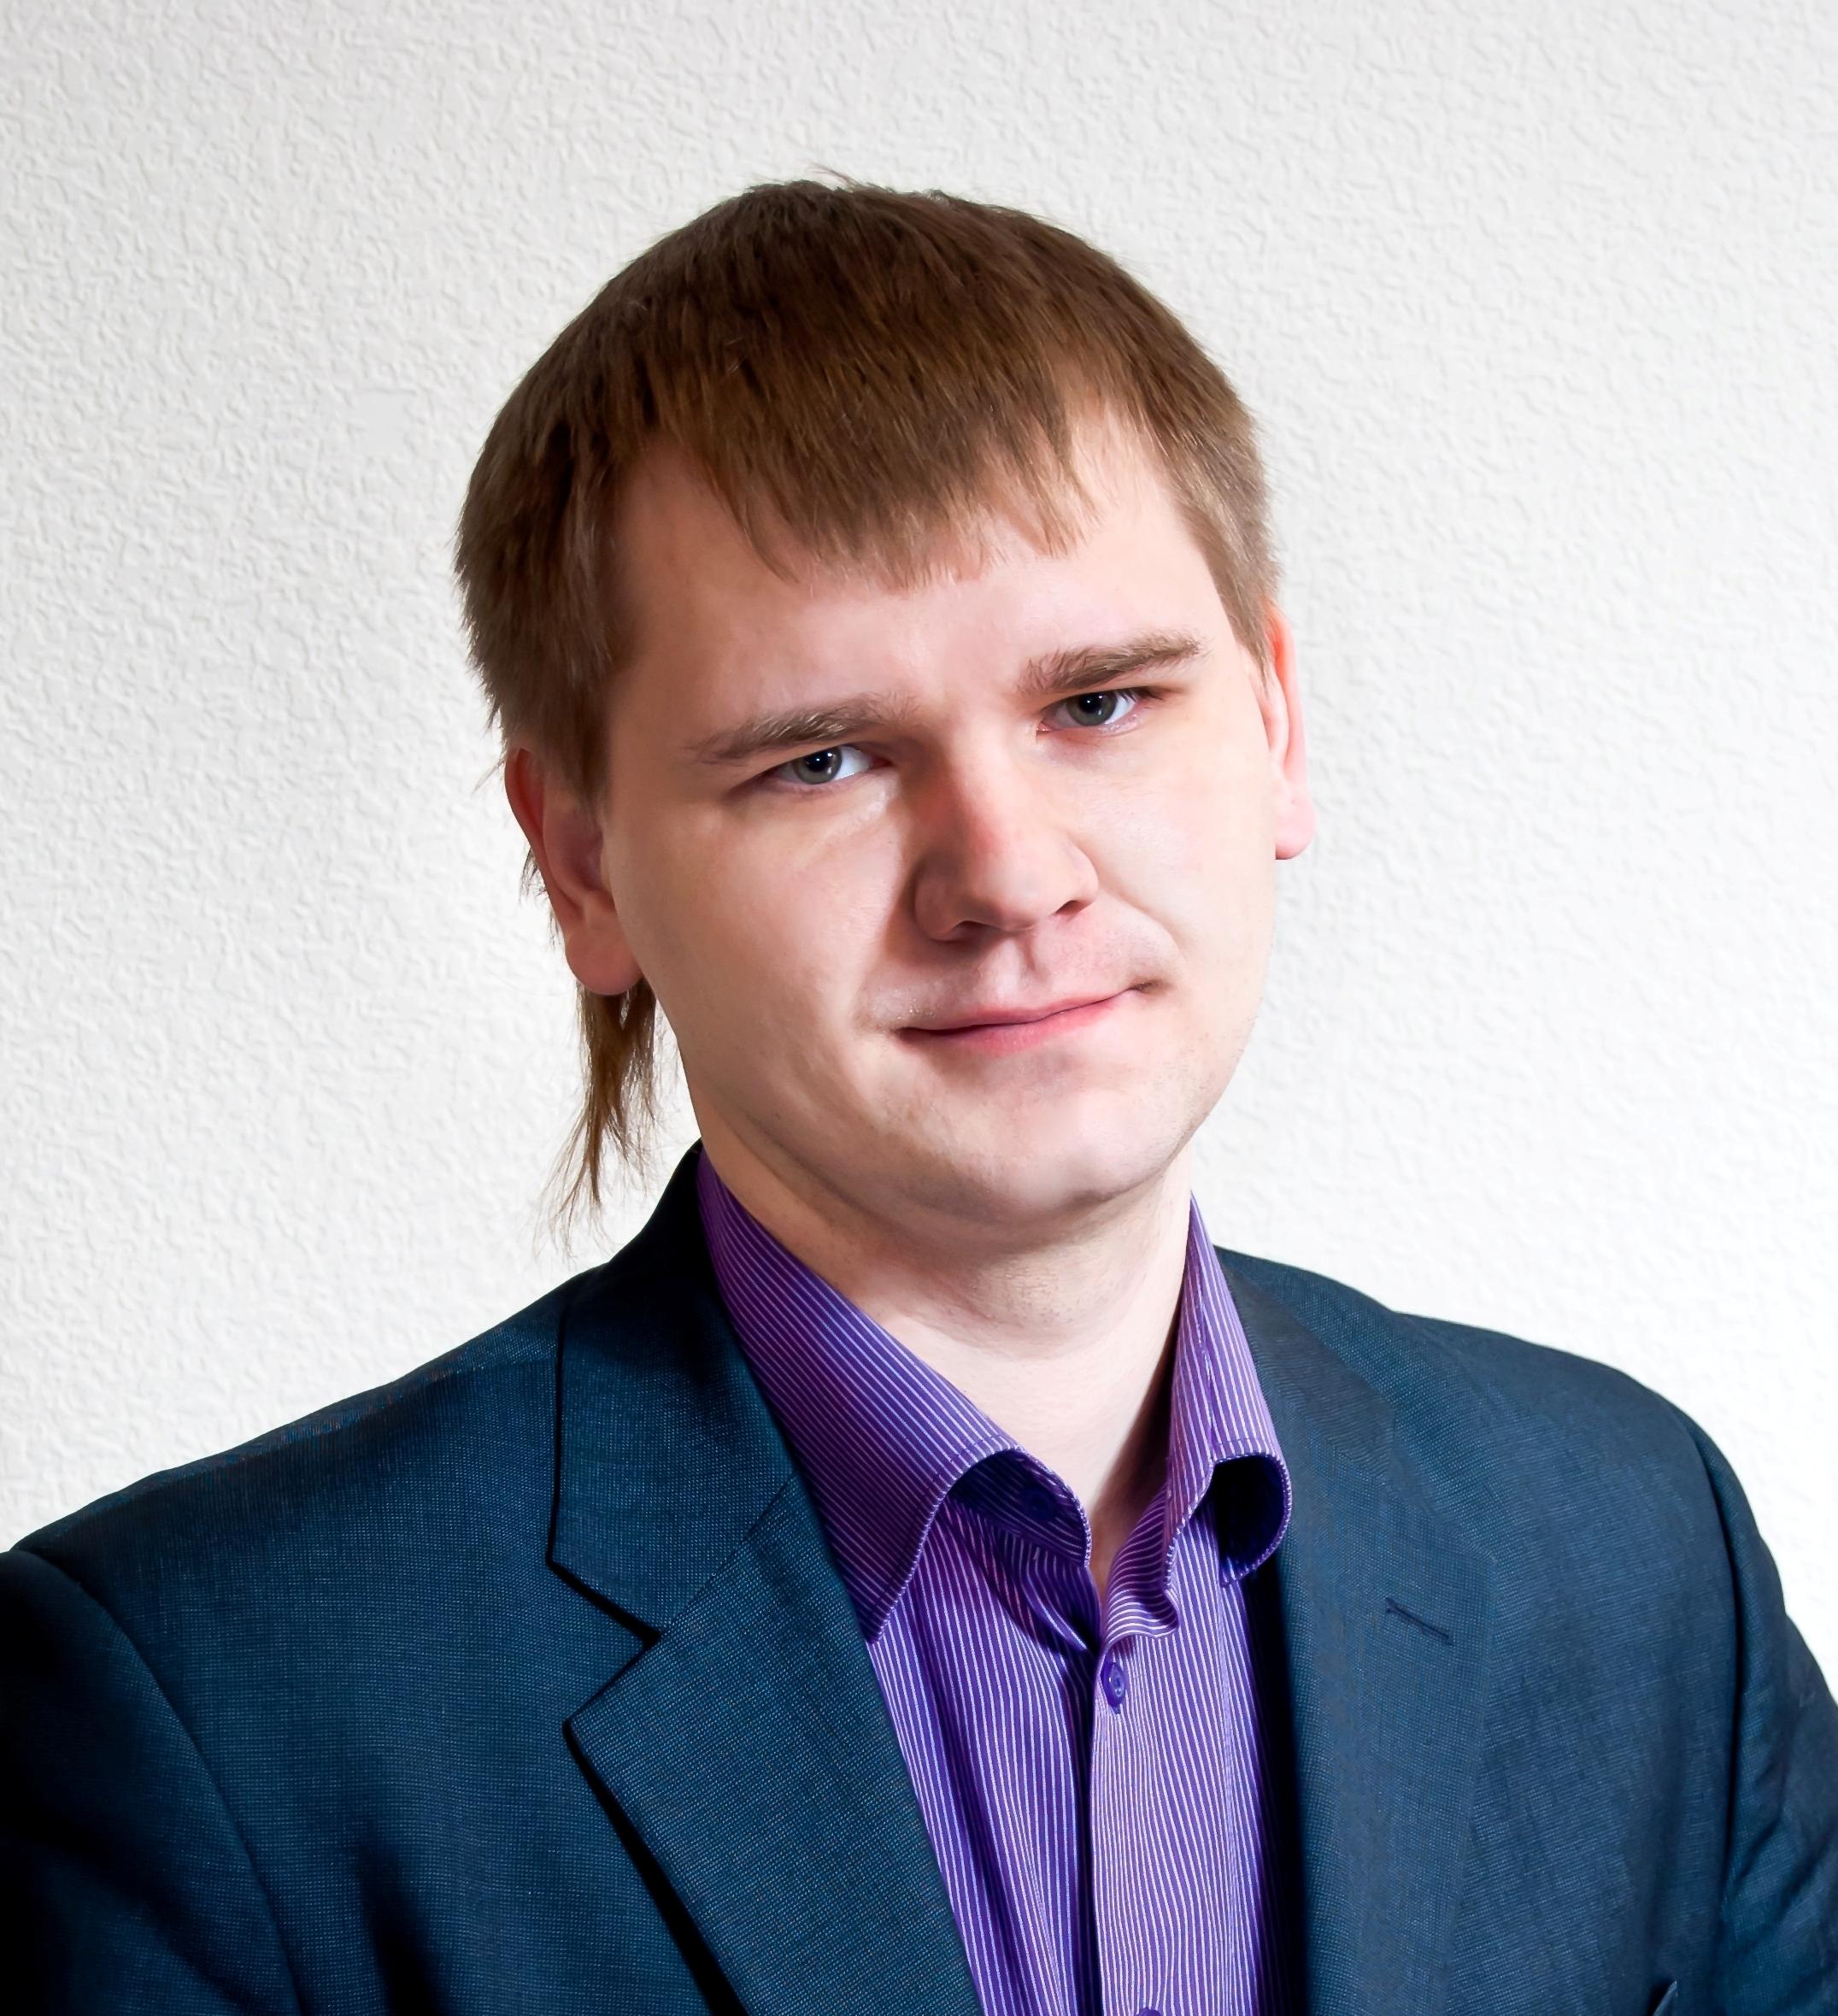 Безруких А.И. руководитель лаборатории